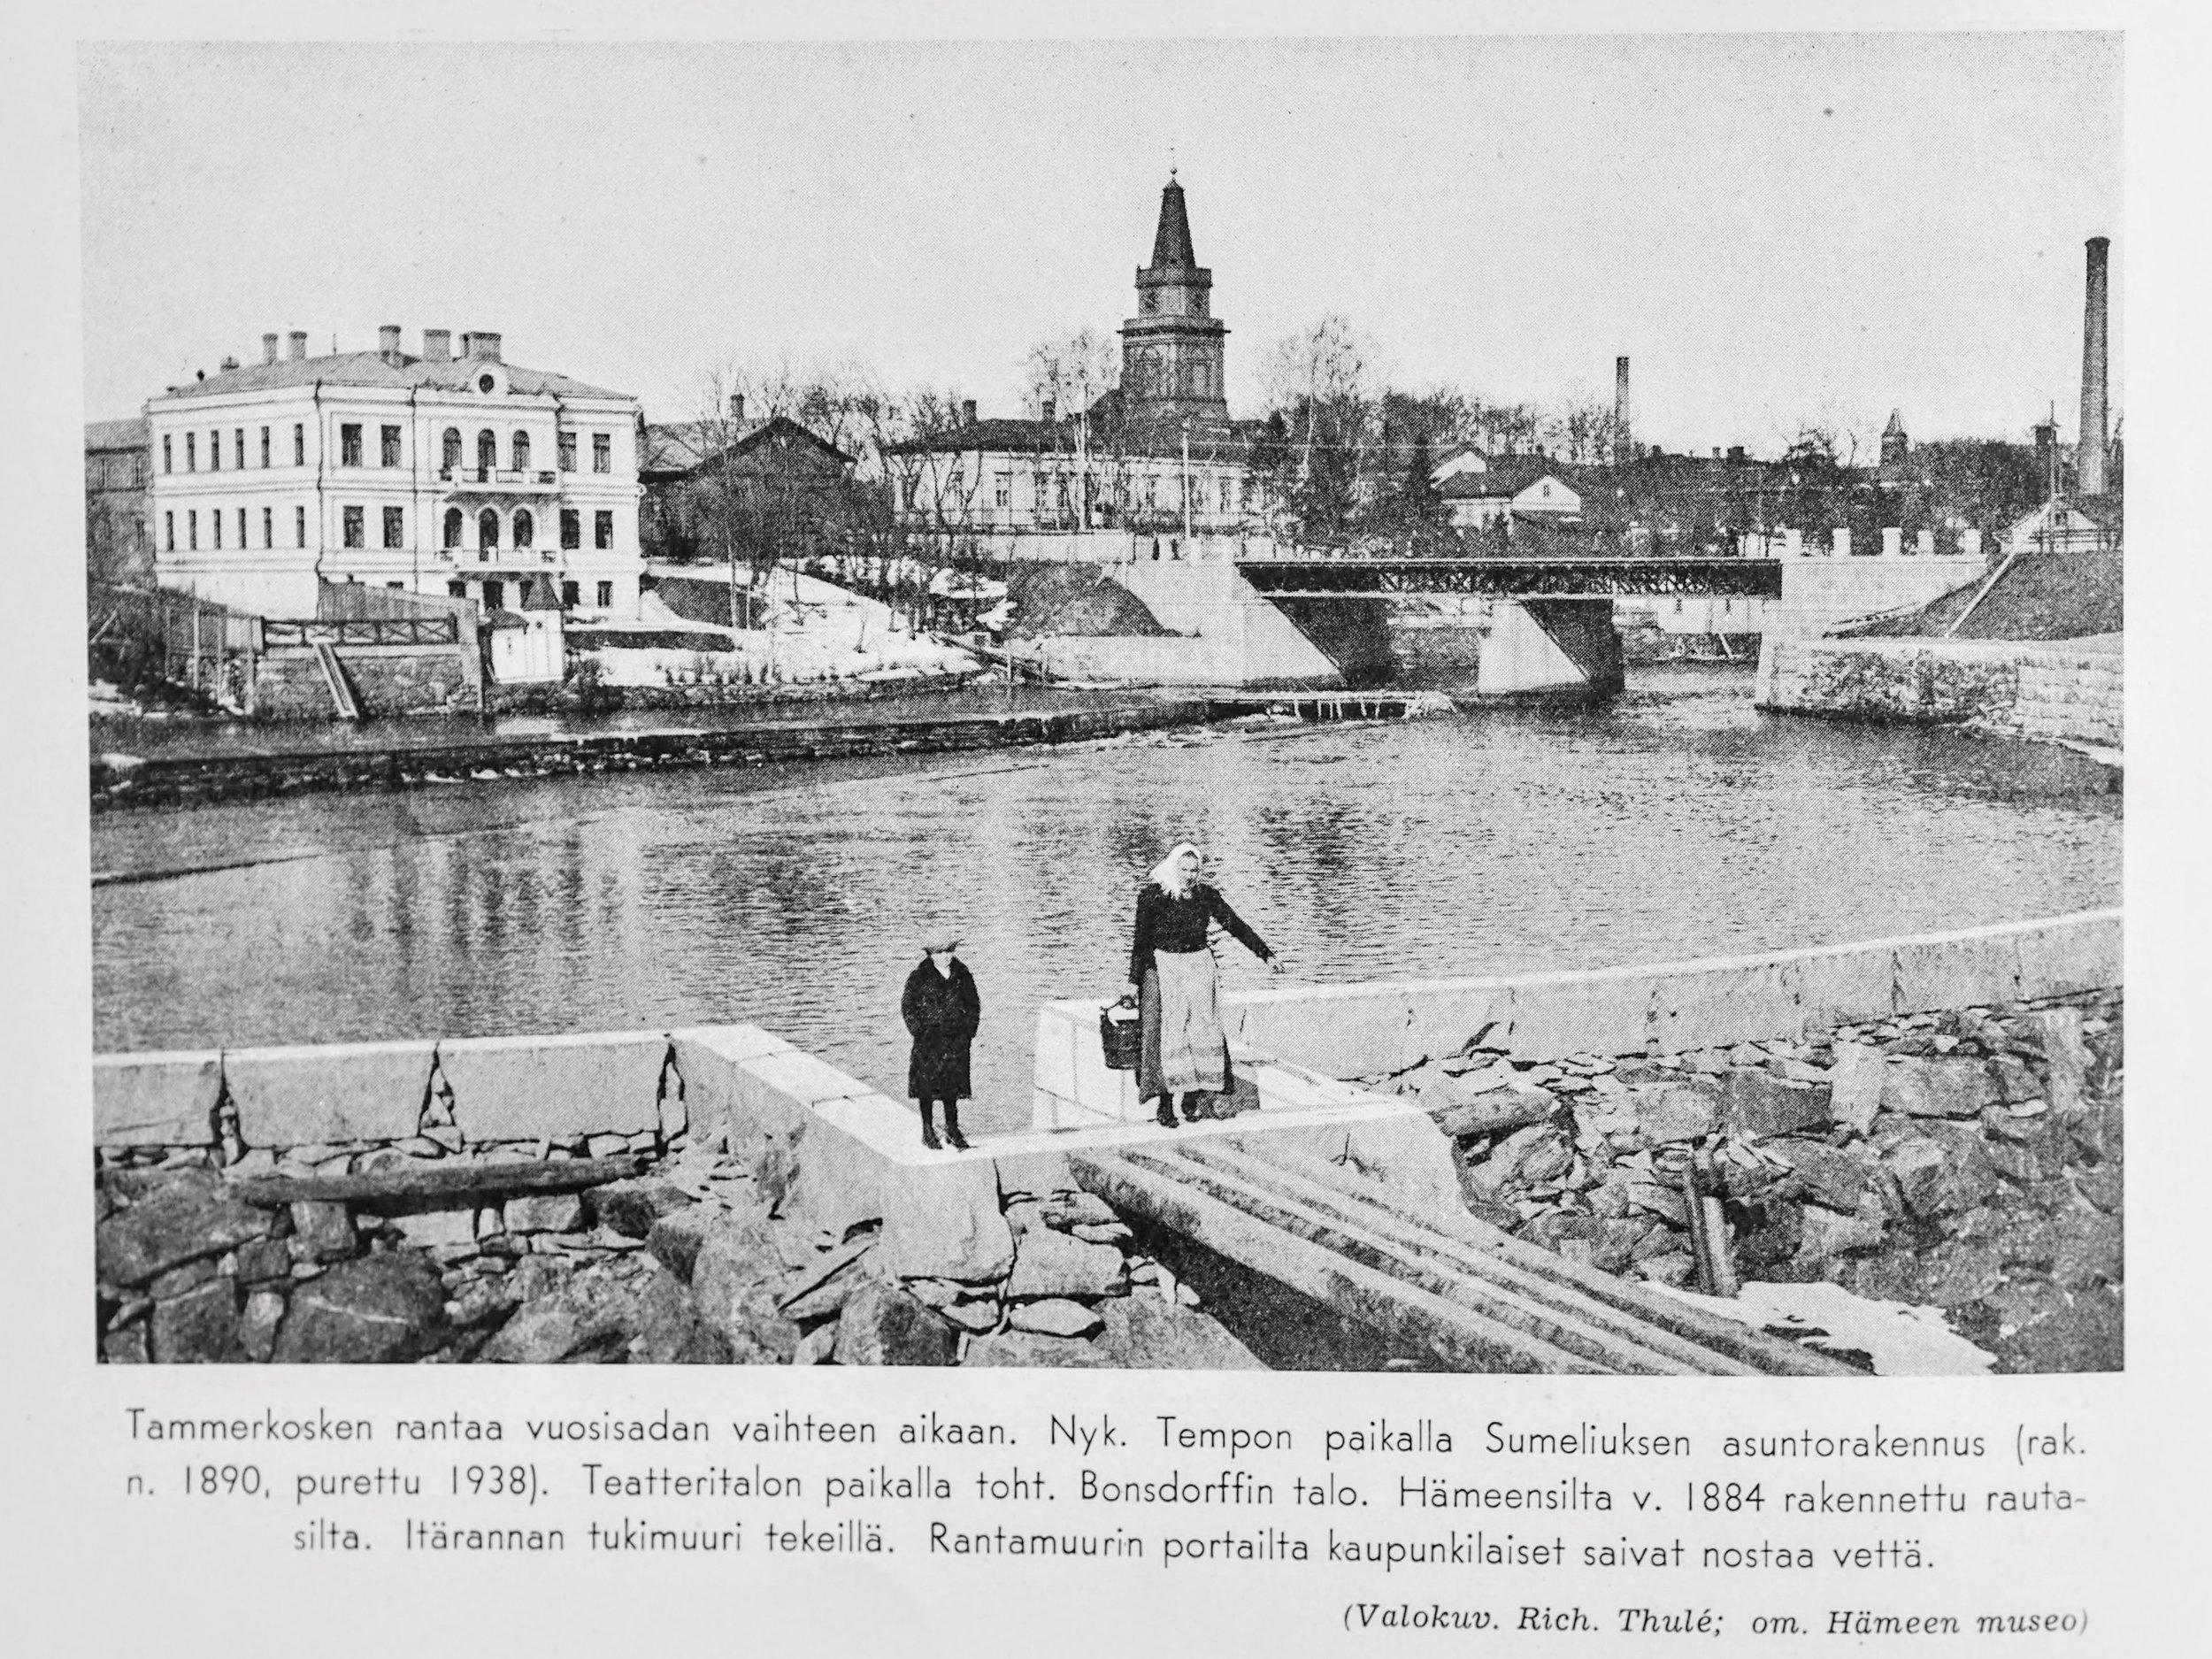 """Tutkin teosta suunnitellessani myös historiallisia kuvia Tammerkosken rannoista. Tämä kuva on peräisin antiikkimessuilta ostamastani, vuonna 1940 painetusta kirjasta, jossa oli myös mielenkiintoisia kuvapareja """"ennen ja nyt"""". Moni noista """"nyt""""-maisemista on jo tänä päivänä, 70 vuoden jälkeen, aivan toinen."""